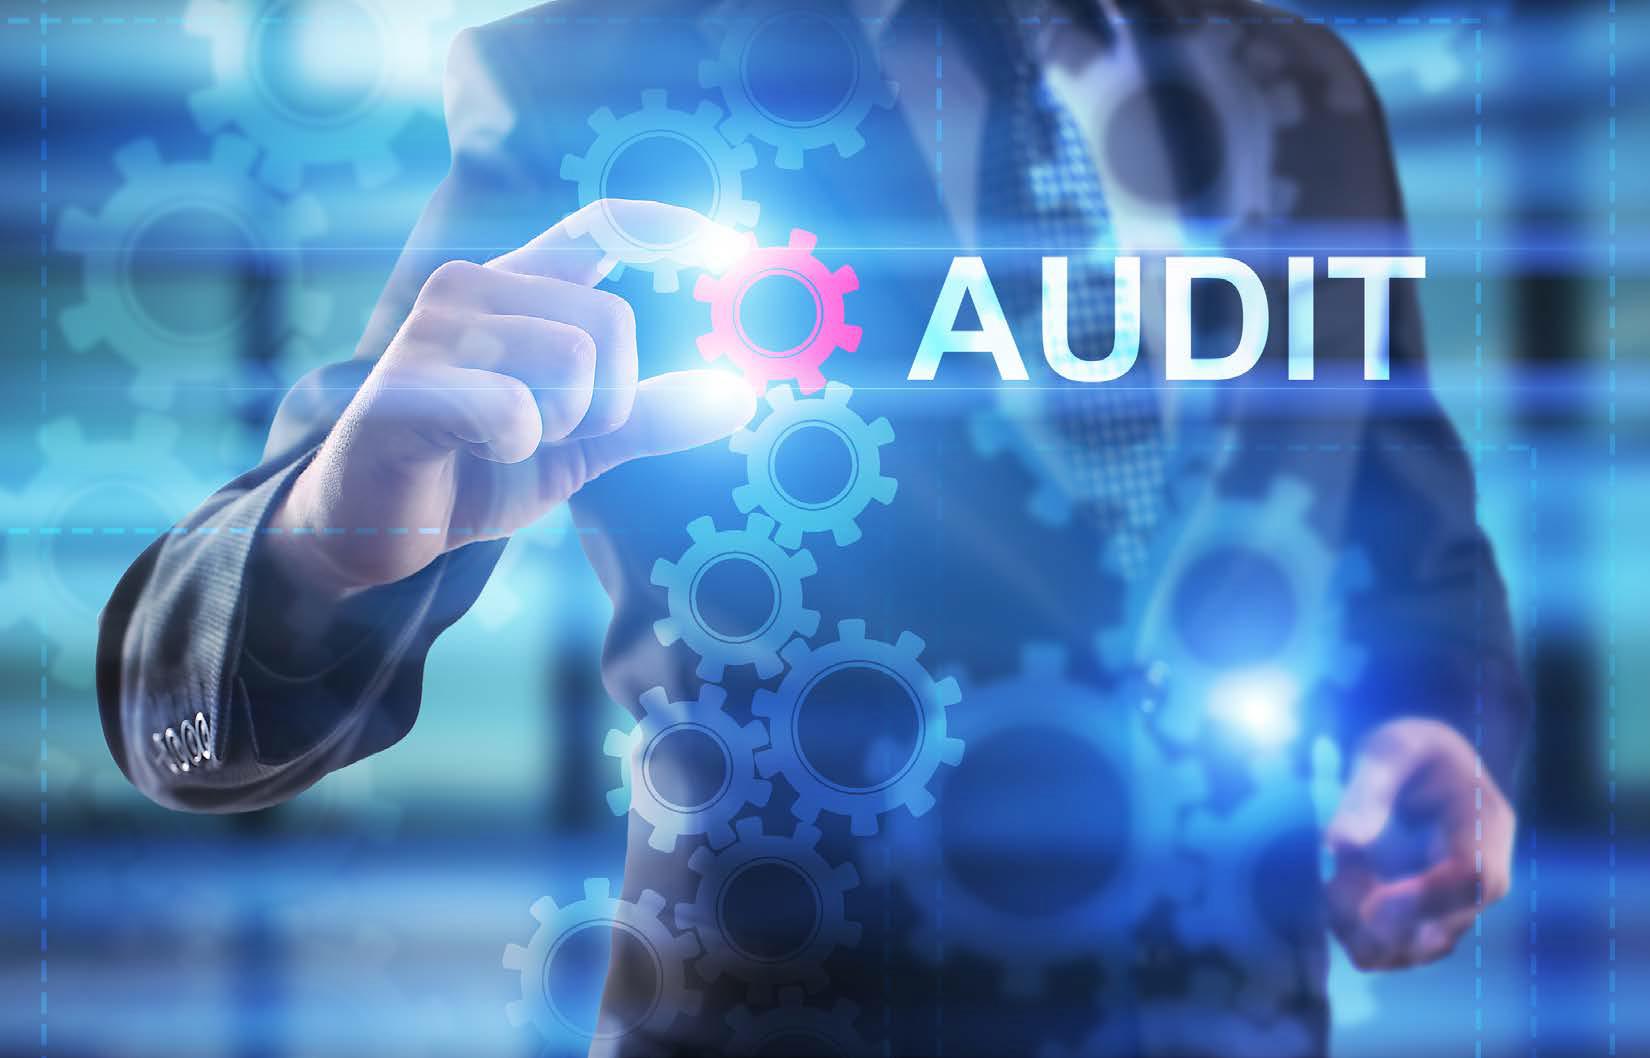 IT Audit business practices